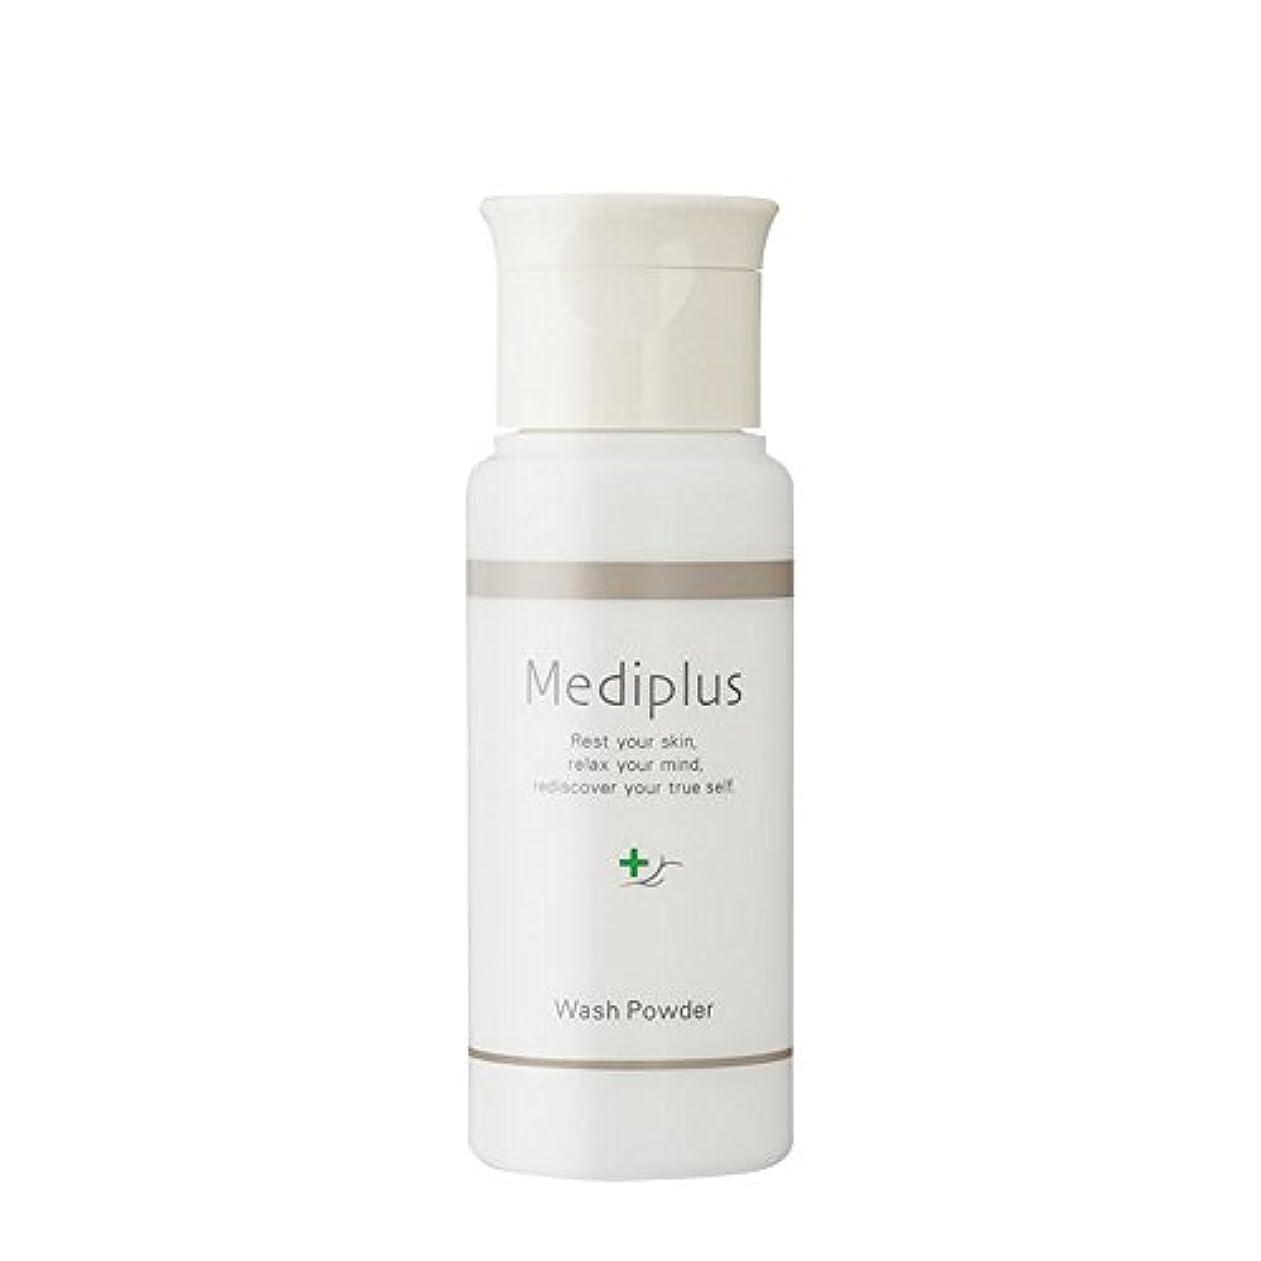 ヒープ接続された機会【Mediplus+】 メディプラス 酵素洗顔料 ウォッシュパウダー ミニ 20g [ パパイン酵素 毛穴ケア ]